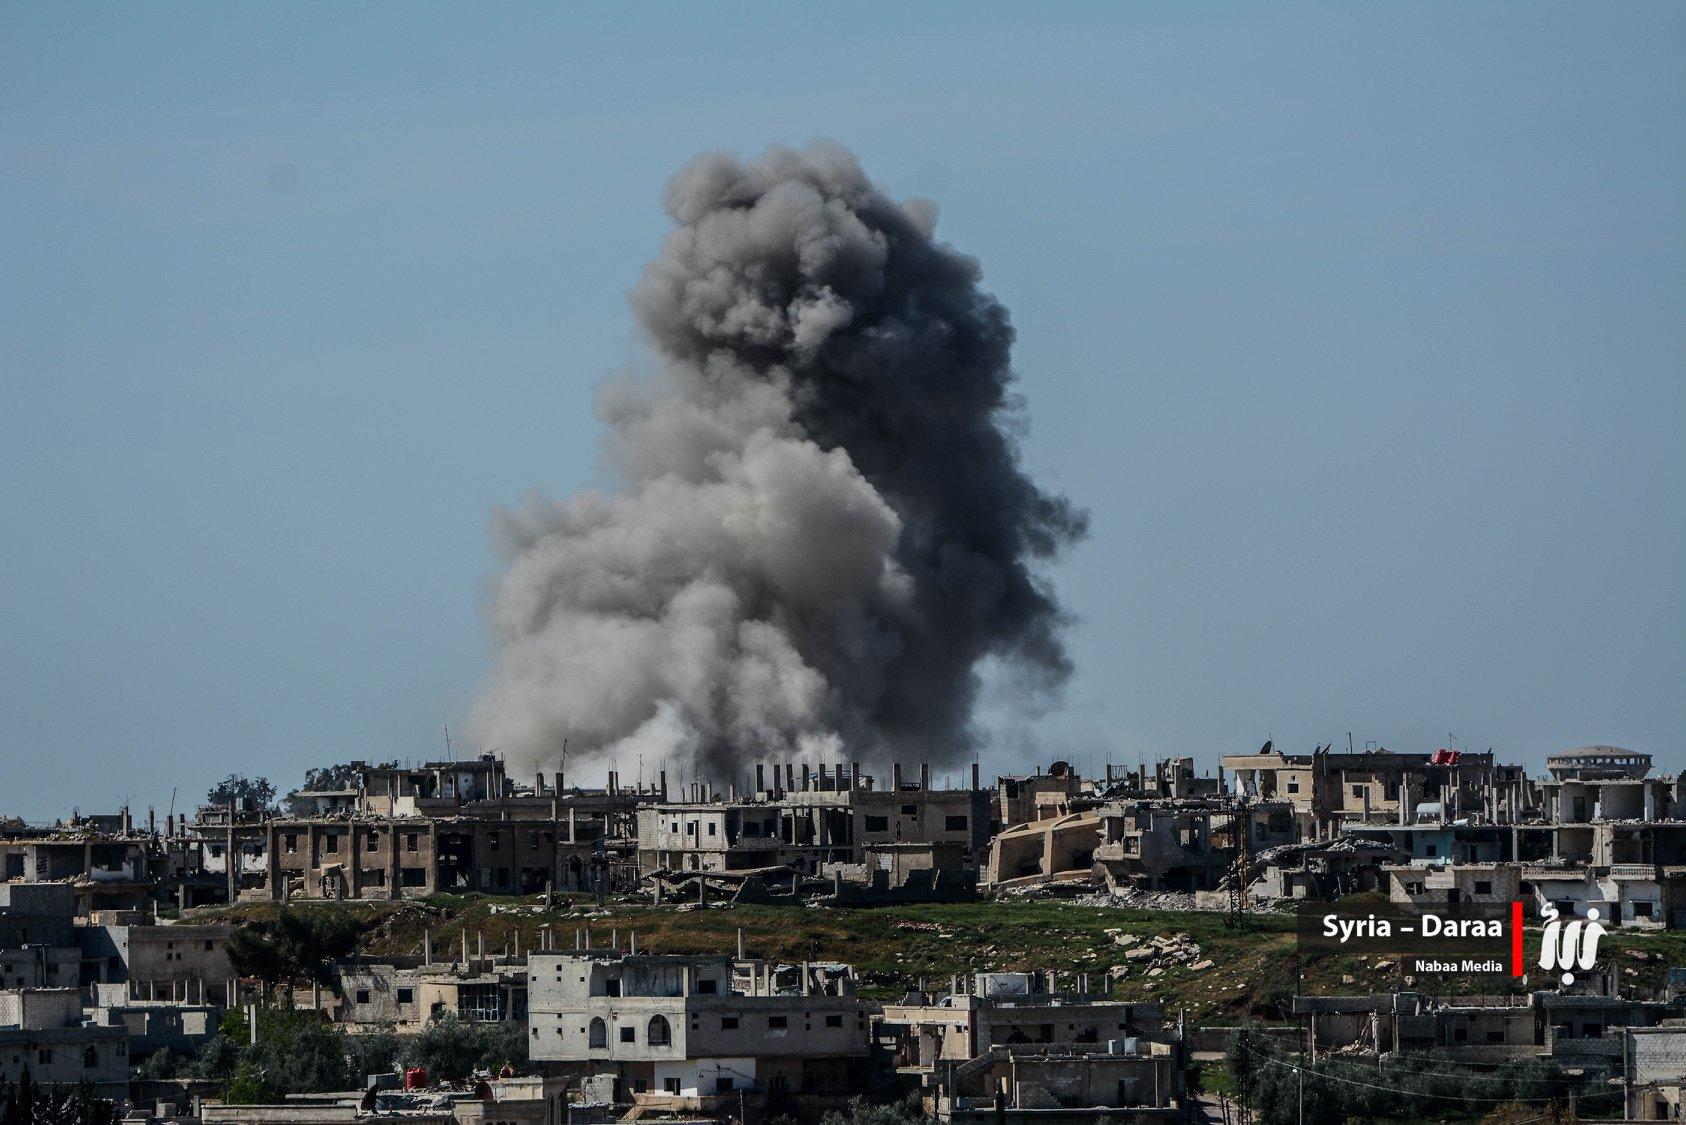 صورة طائرات الأسد تخرق الأجواء الأردنية..وغارة روسية داخل أراضي المملكة